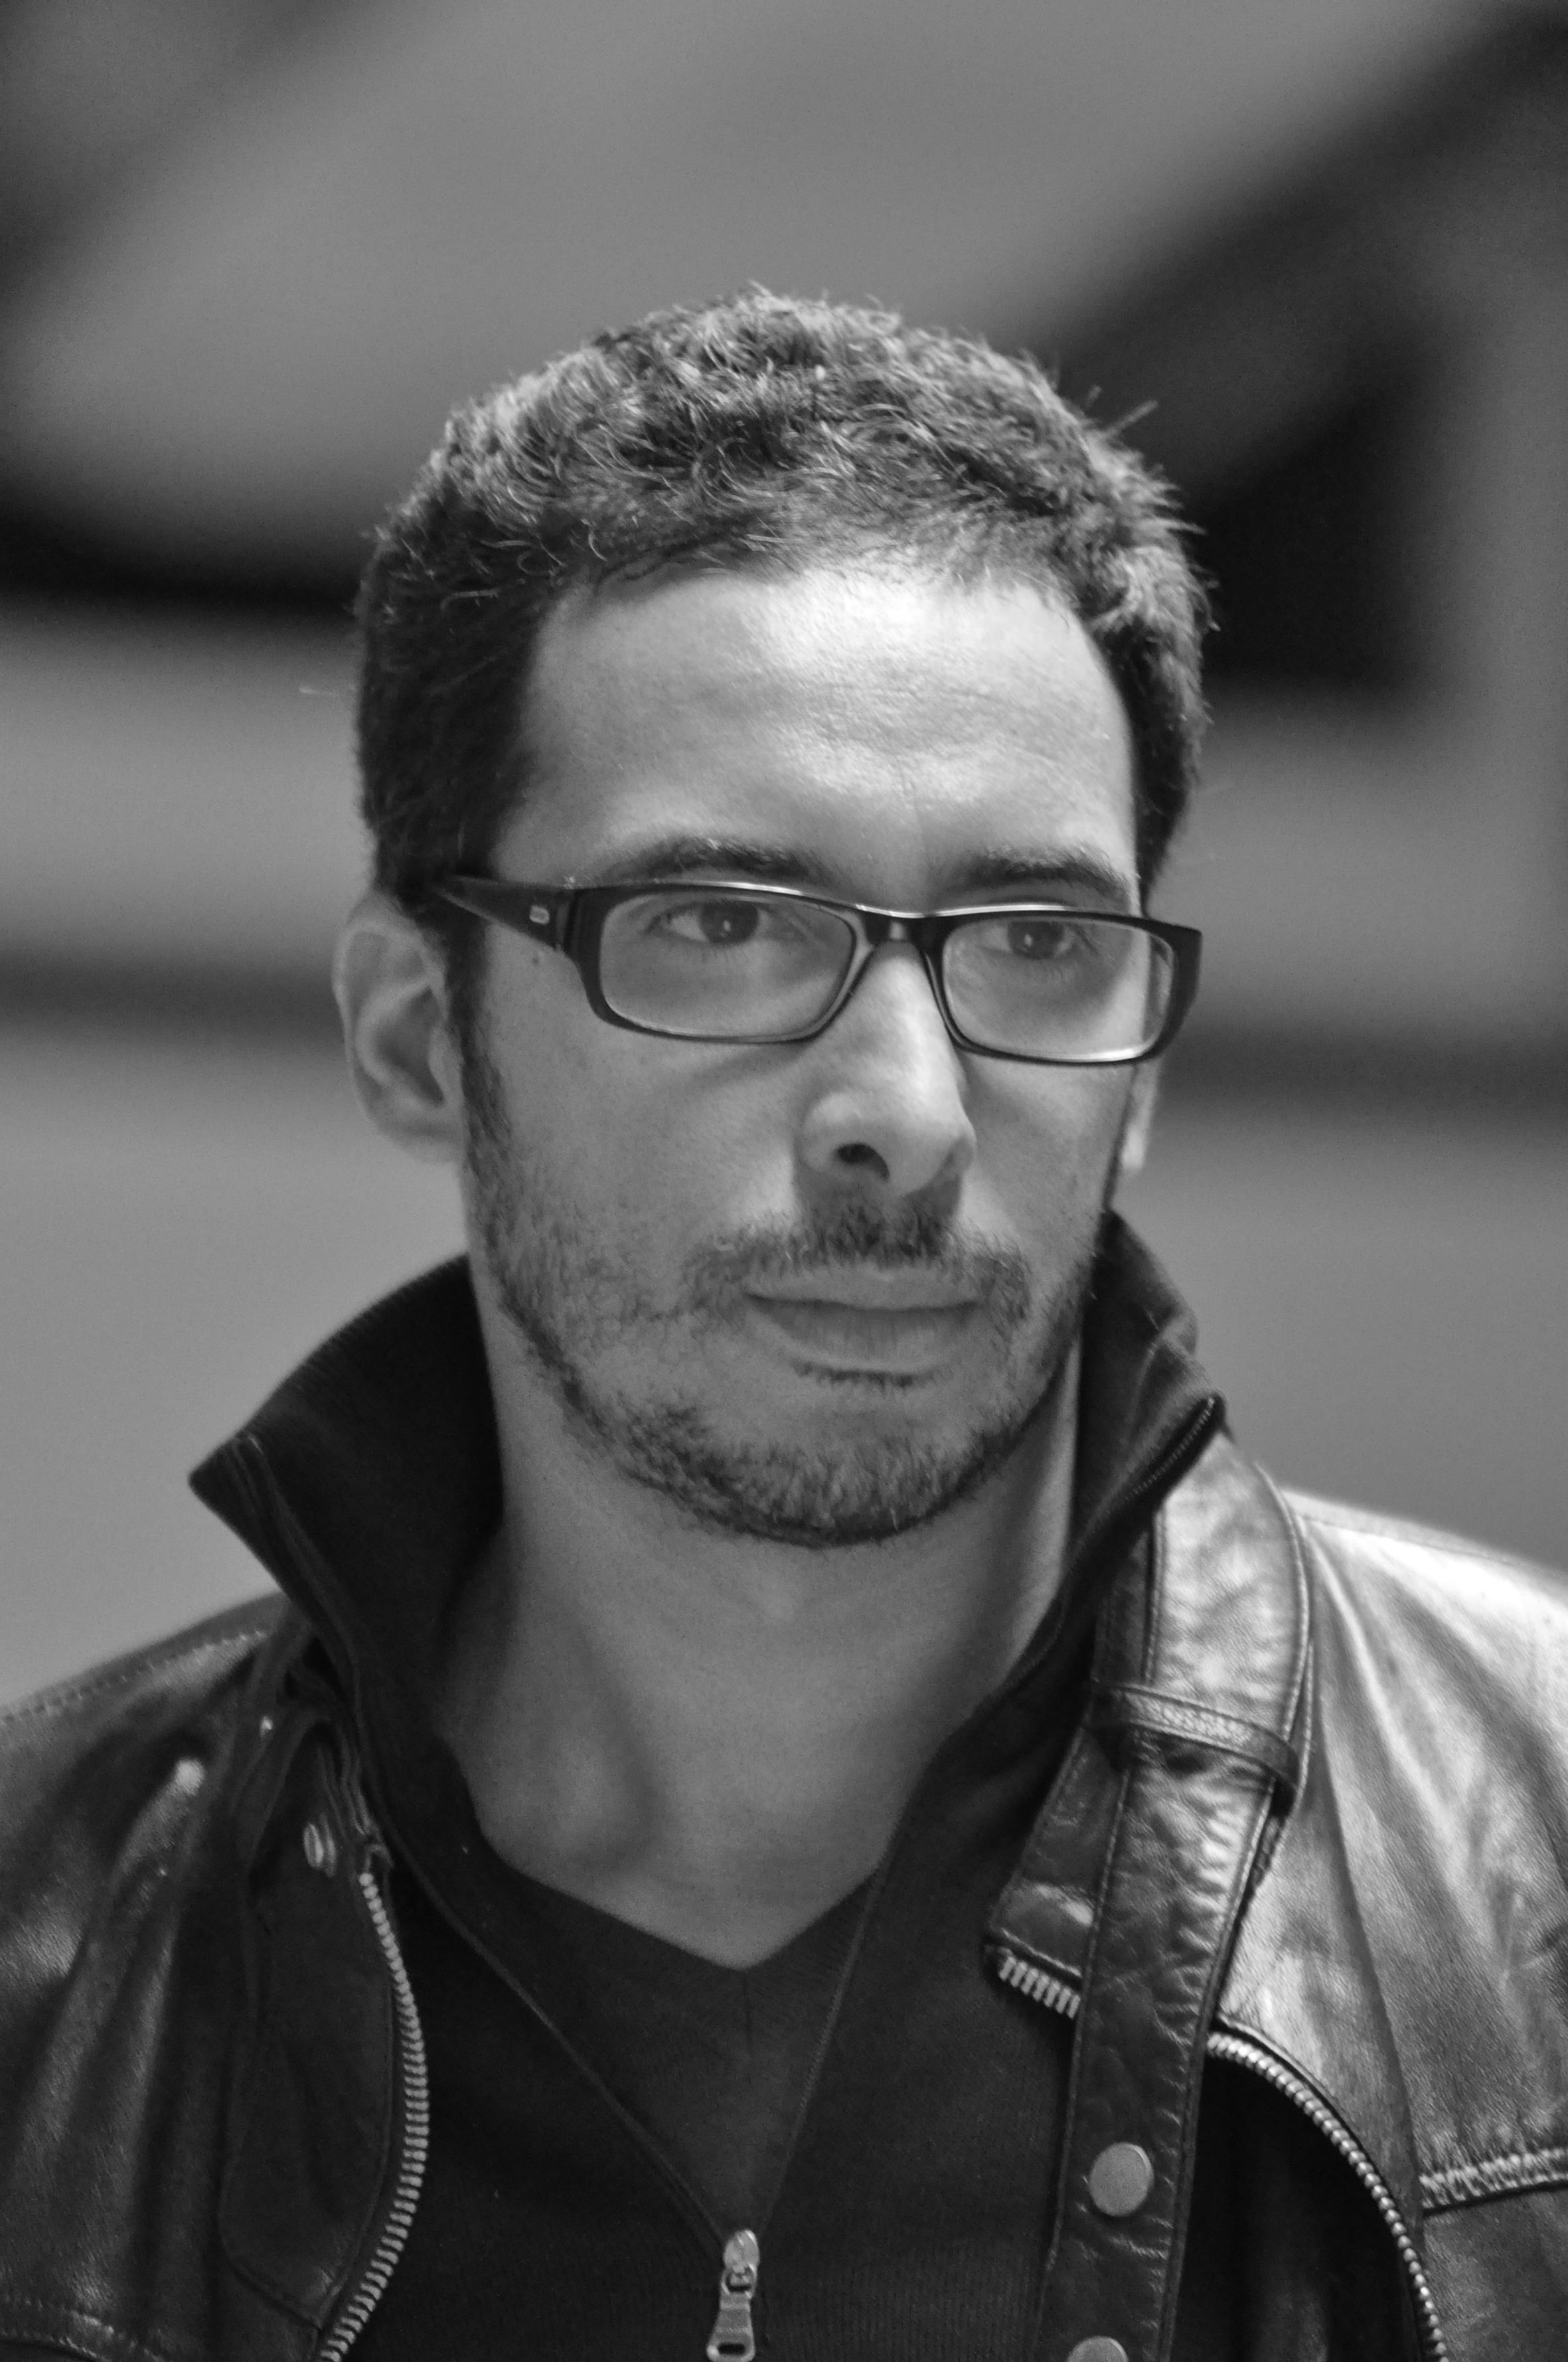 A portrait of Mounir Fatmi